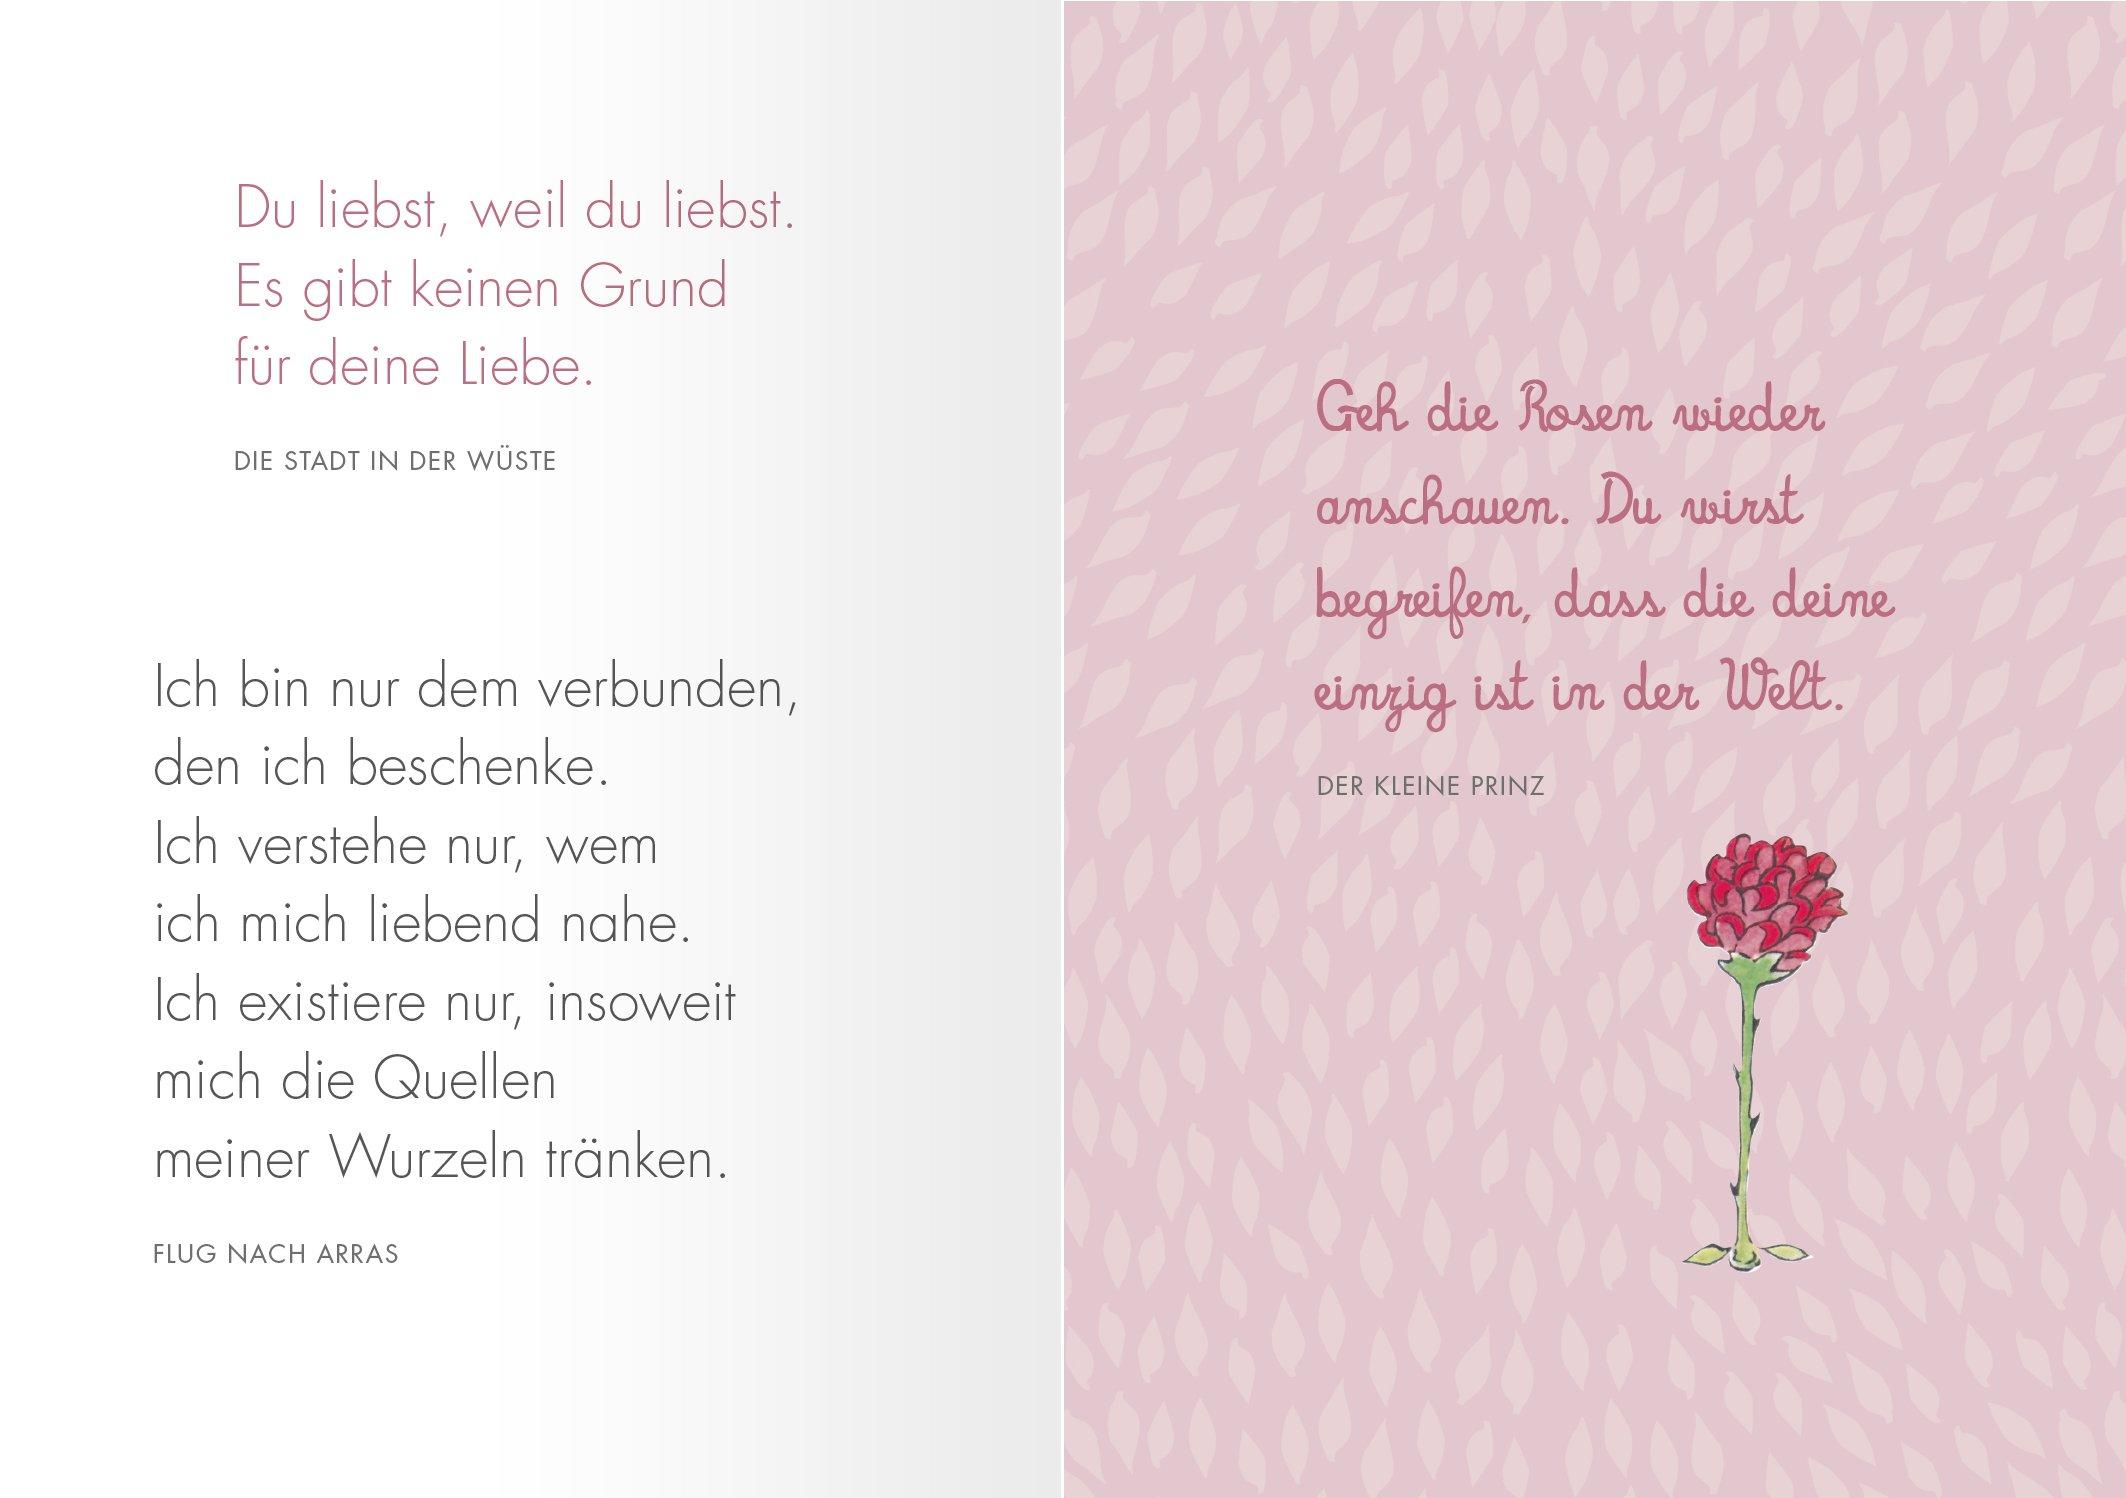 Zitate Liebe Der Kleine Prinz